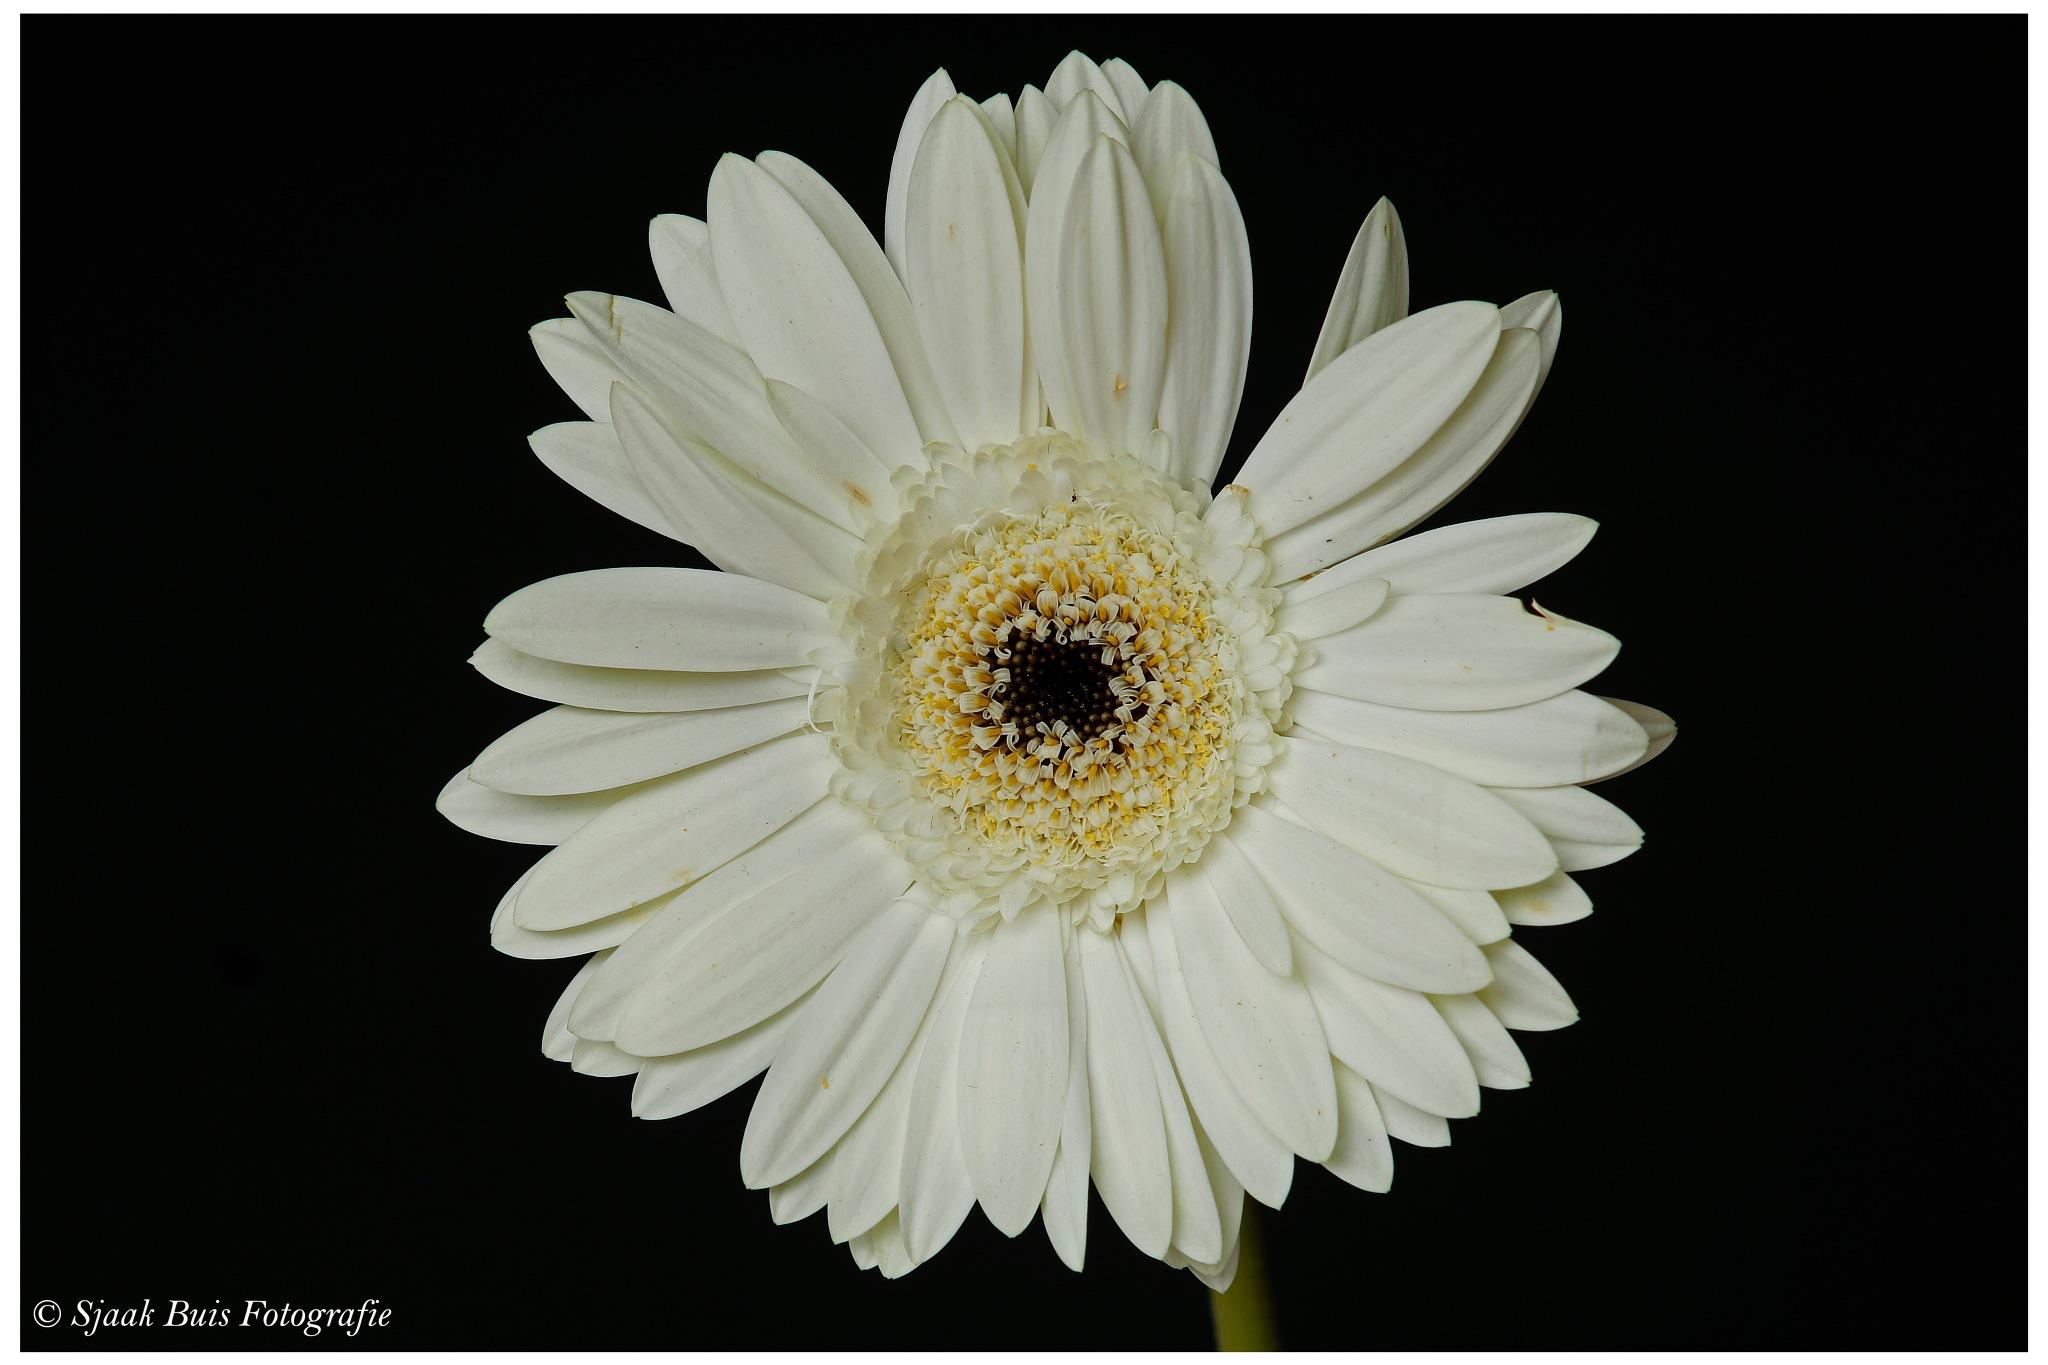 Flower the Gerbera 2 by Sjaak Buis